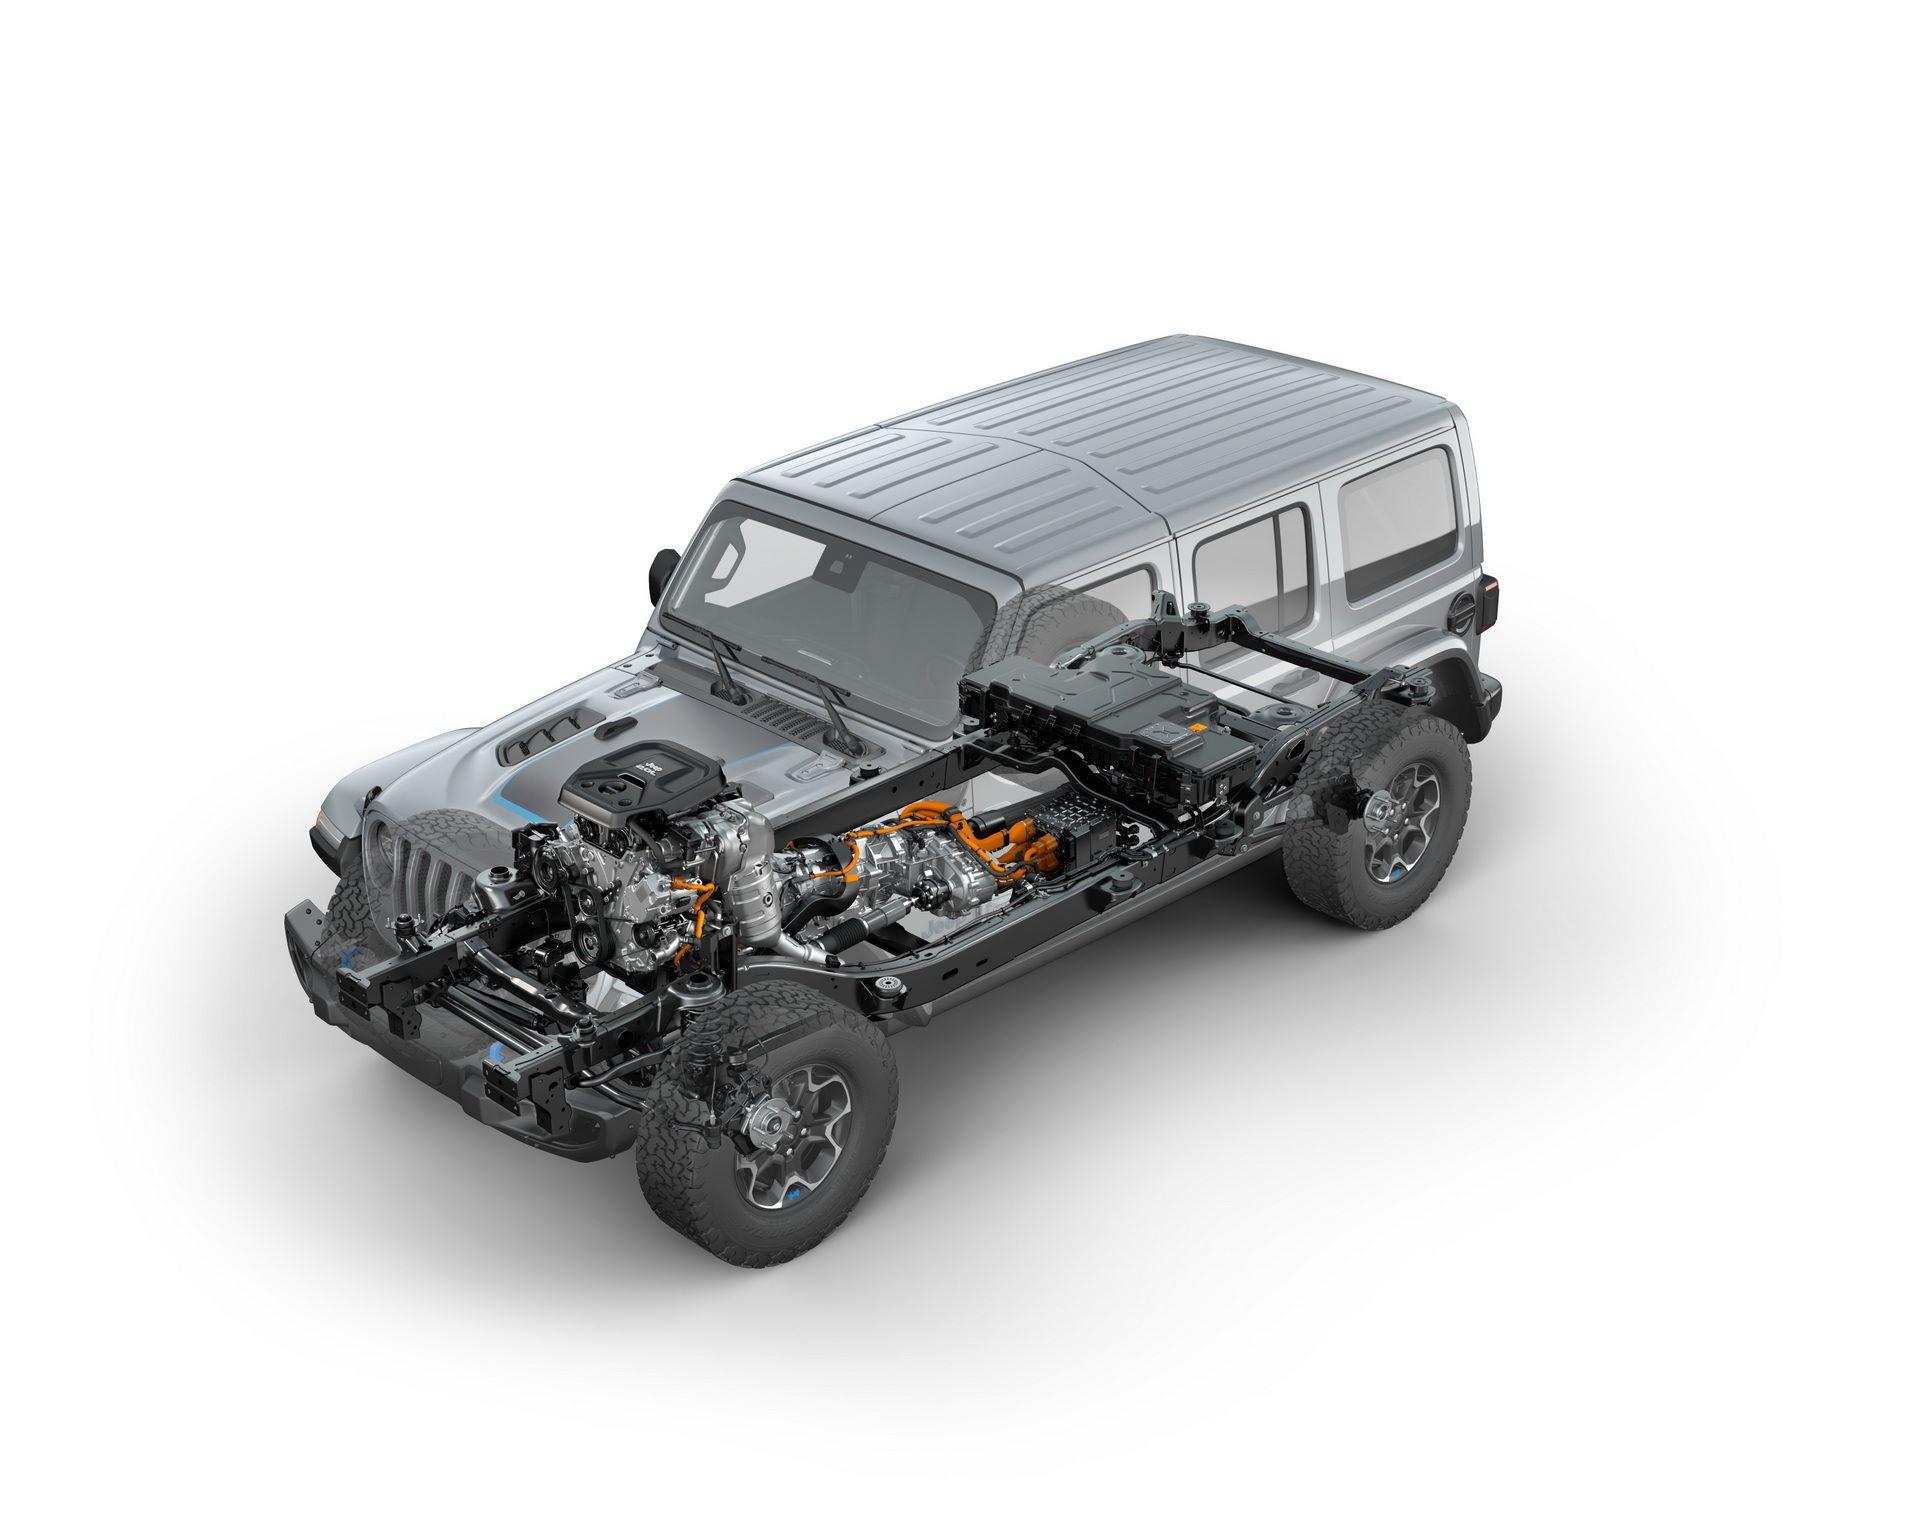 Jeep-Wrangler-4xe-48